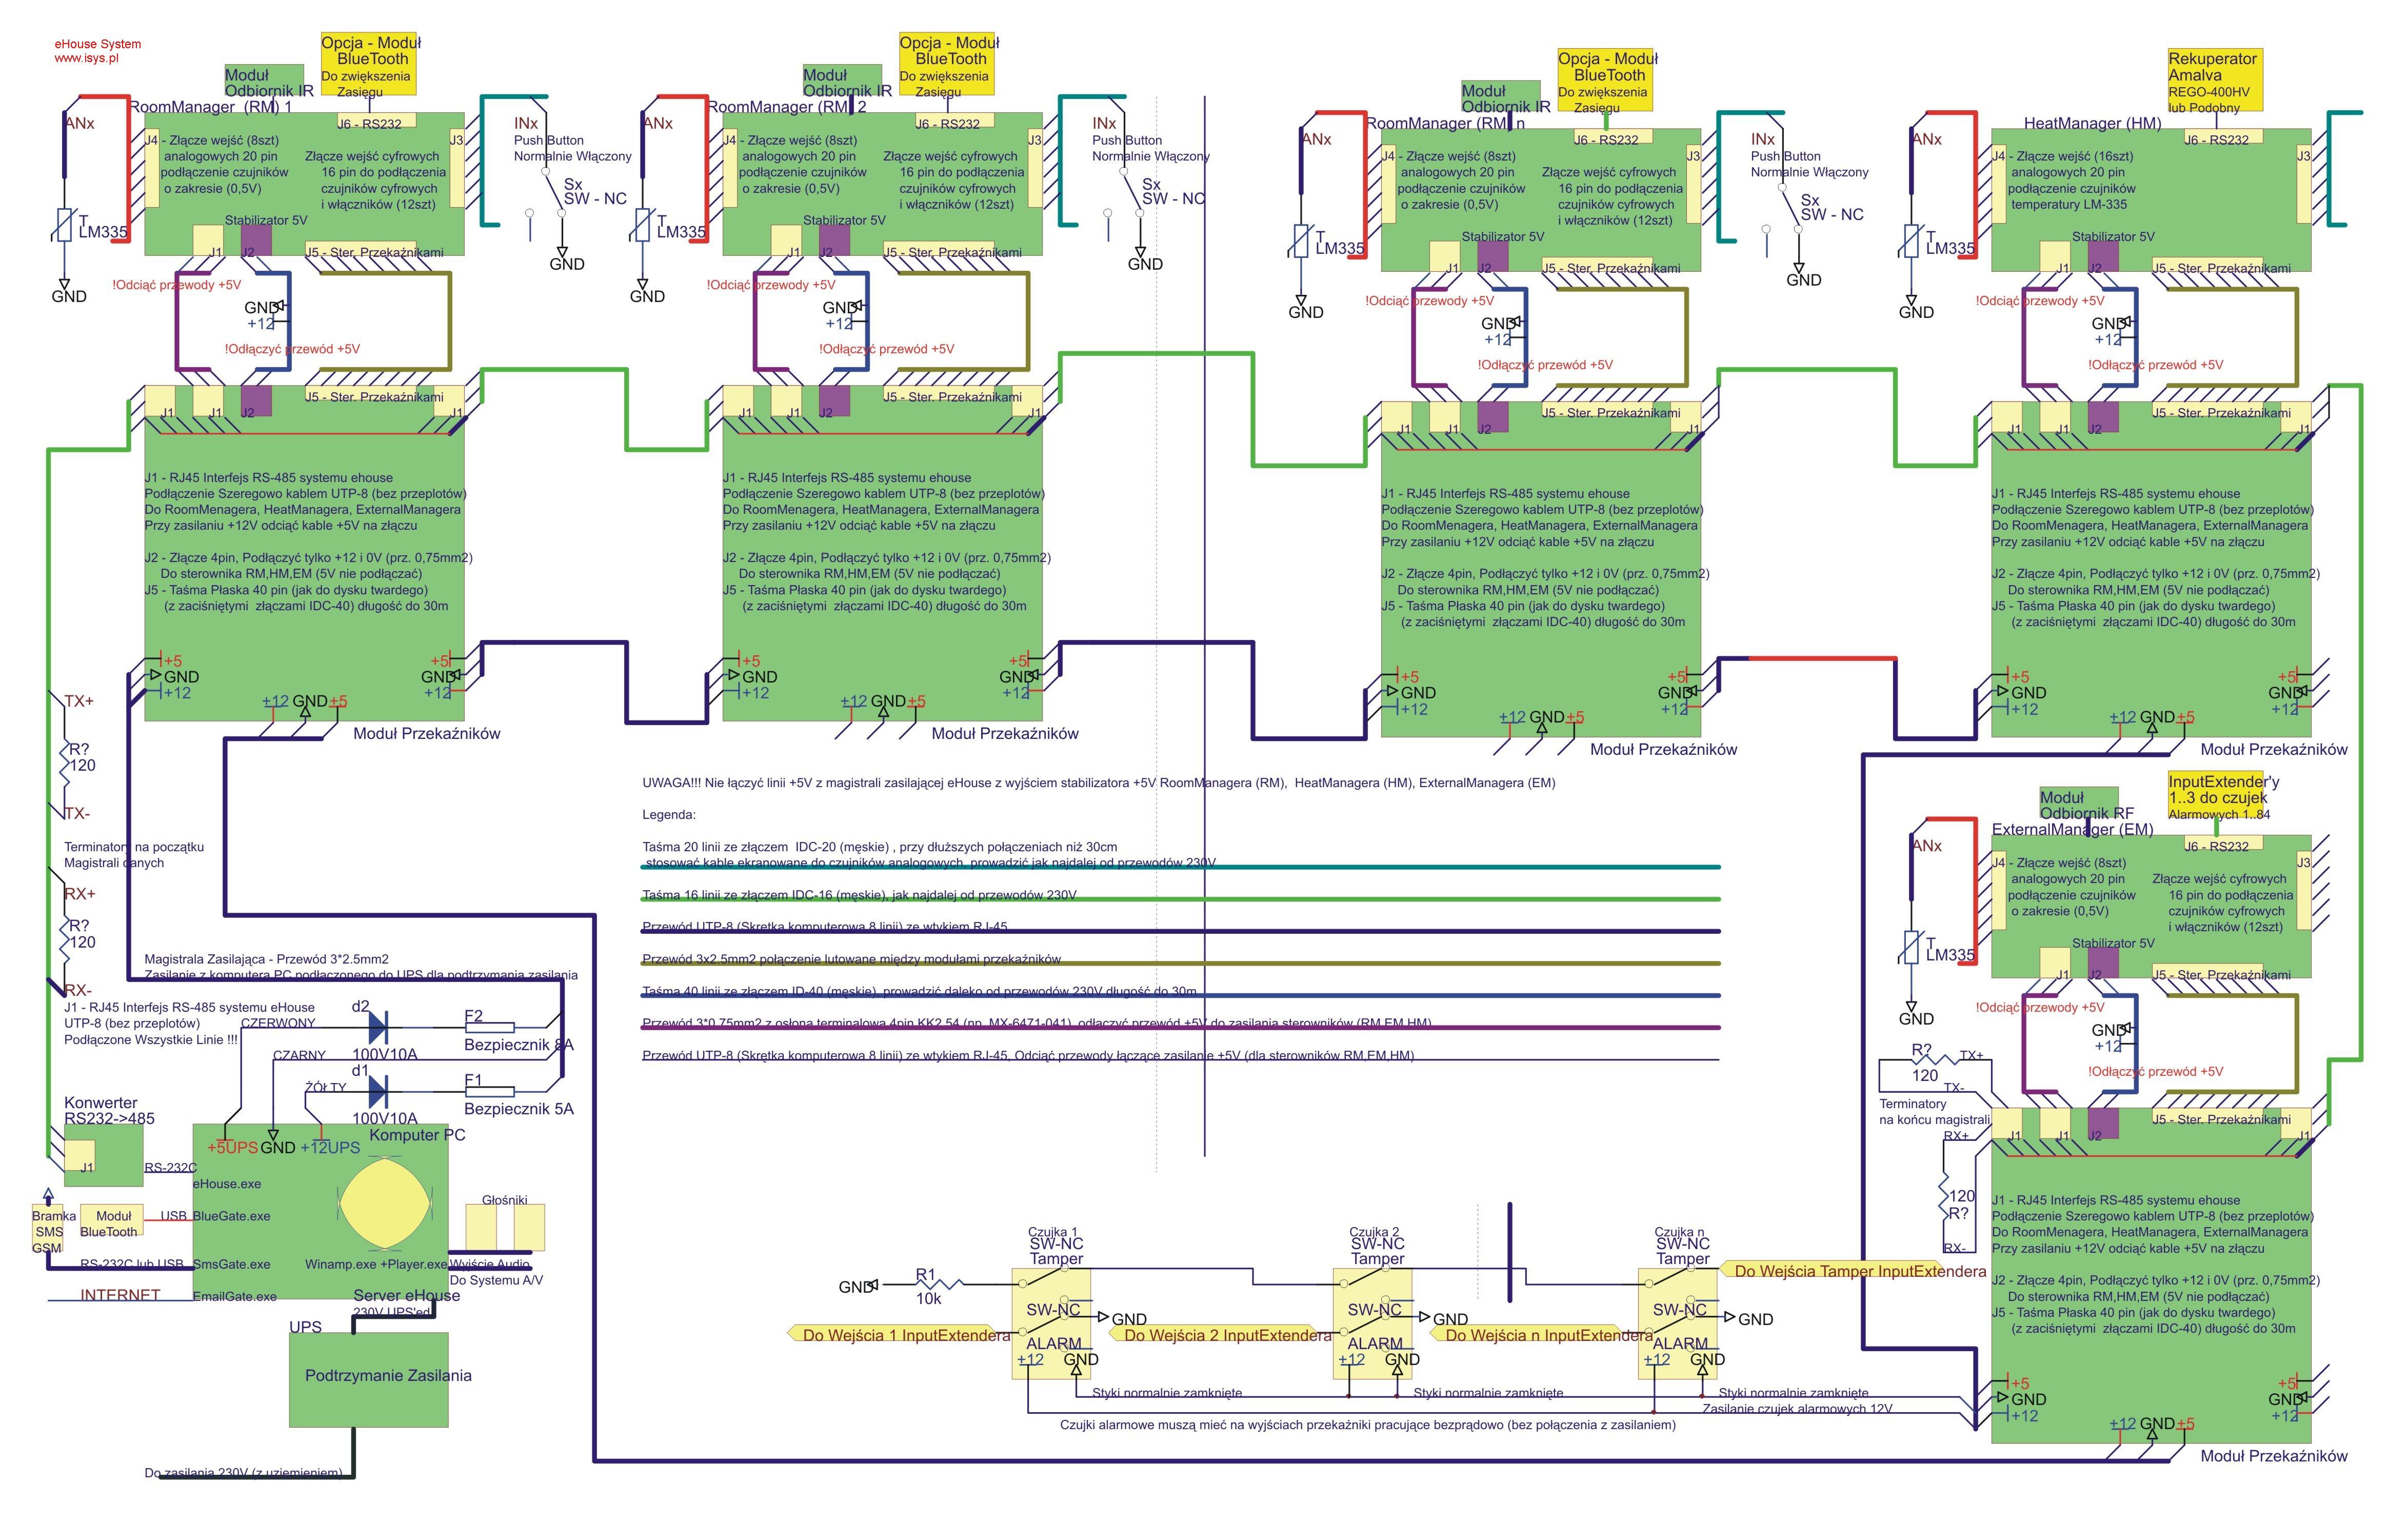 ehouse automatismes du bâtiment - schéma d'installation du système d'automatisation . Schéma détaillé